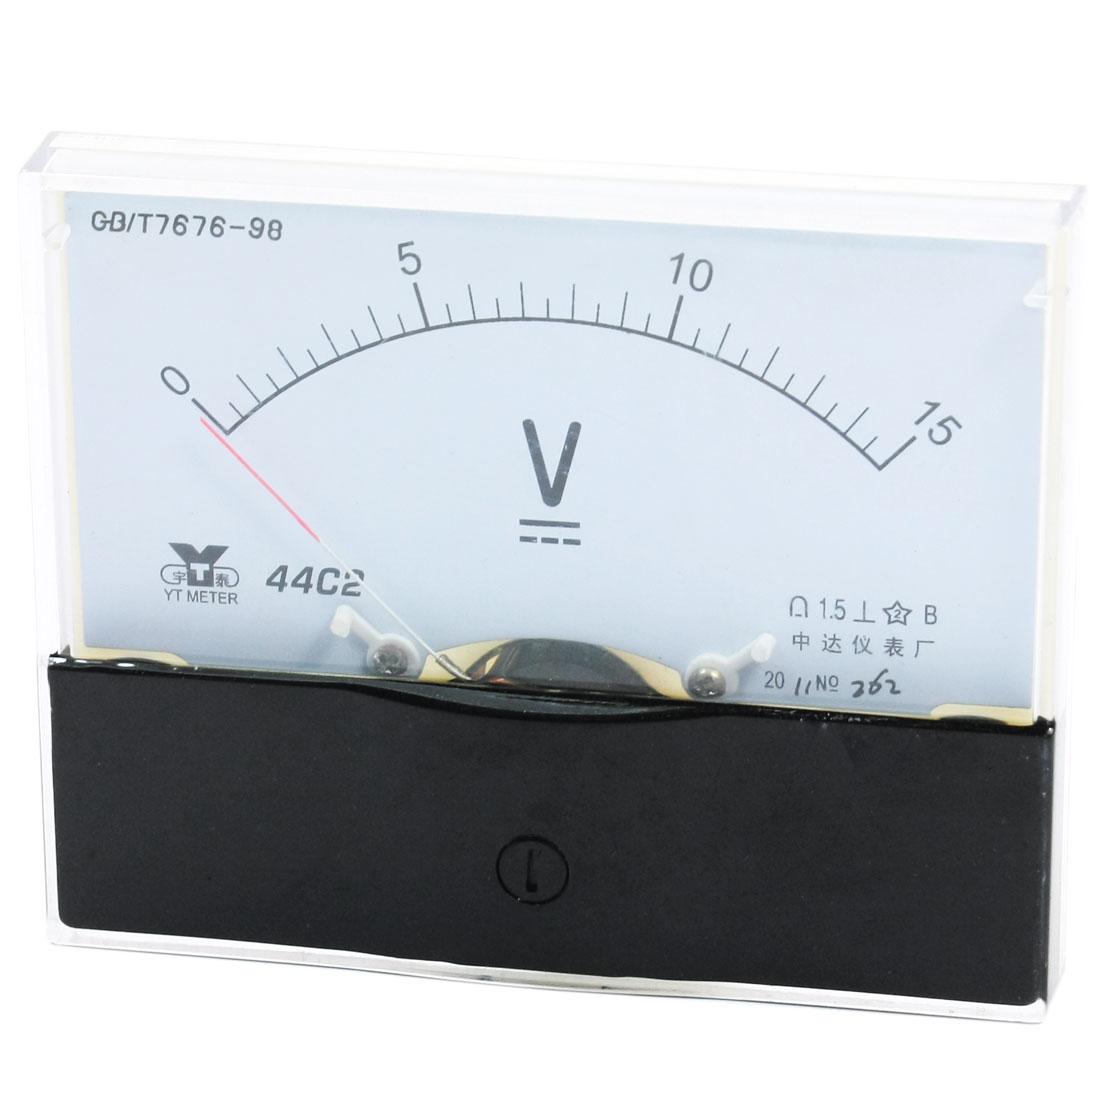 Rectangle Measurement Tool Analog Panel Voltmeter Volt Meter DC 0 - 15V Measuring Range 44C2